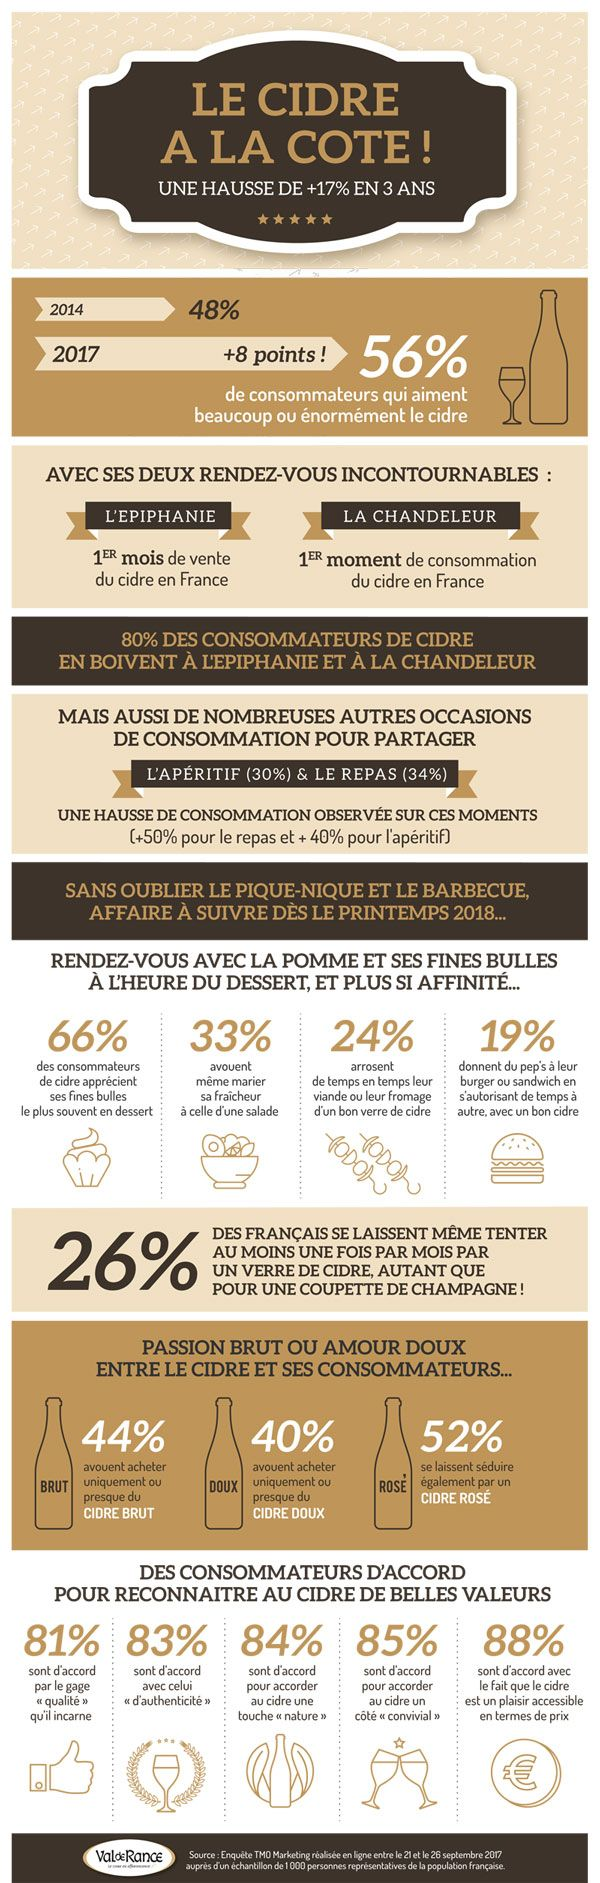 Les cidres ont la côte en France, une infographie de Val de Rance à l'occasion de l'épiphanie #cidre #alcool #boisson #gastronomie